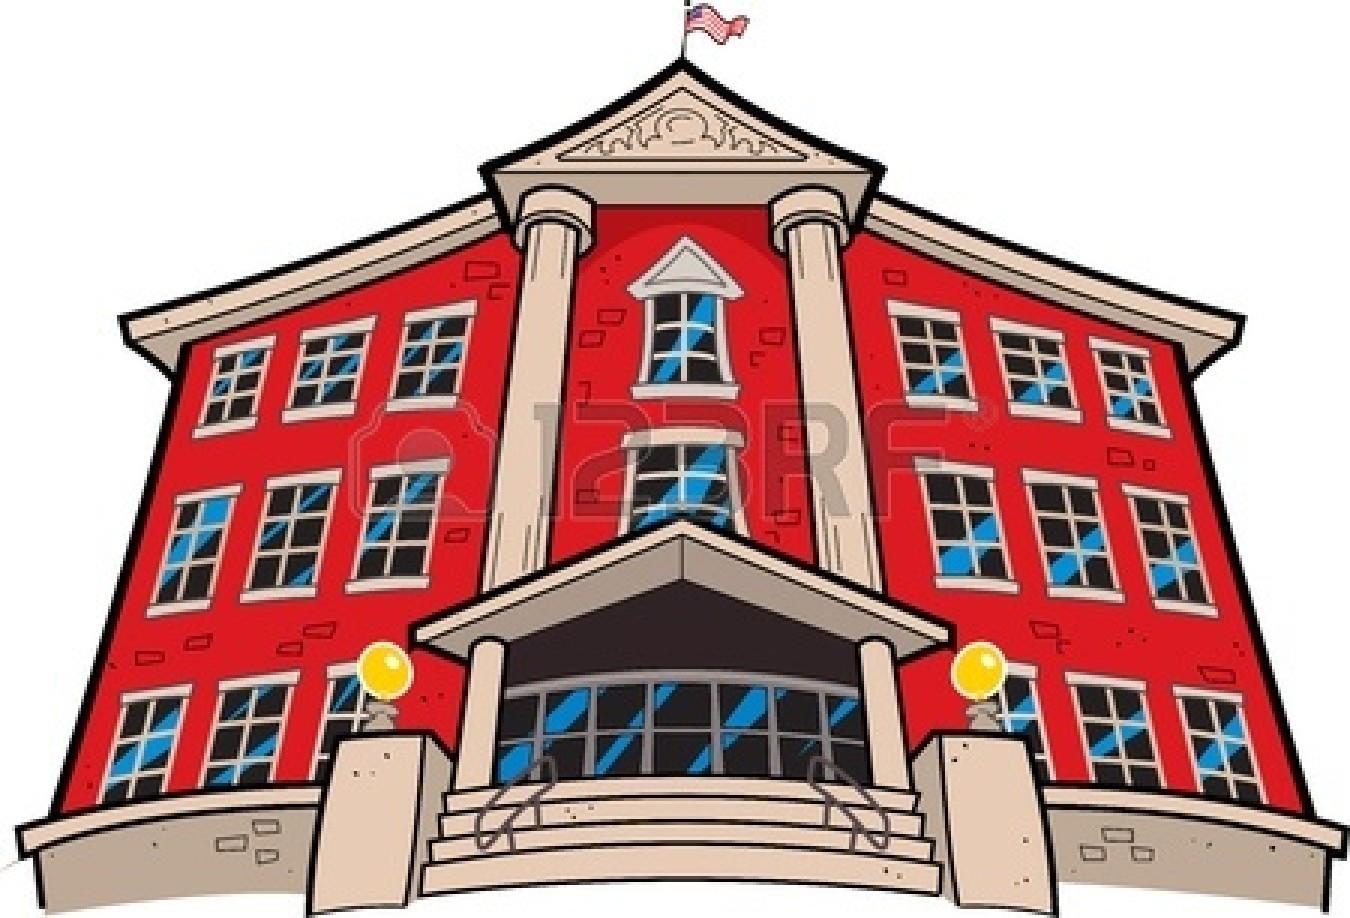 College campus clipart - Clipground  College campus ...